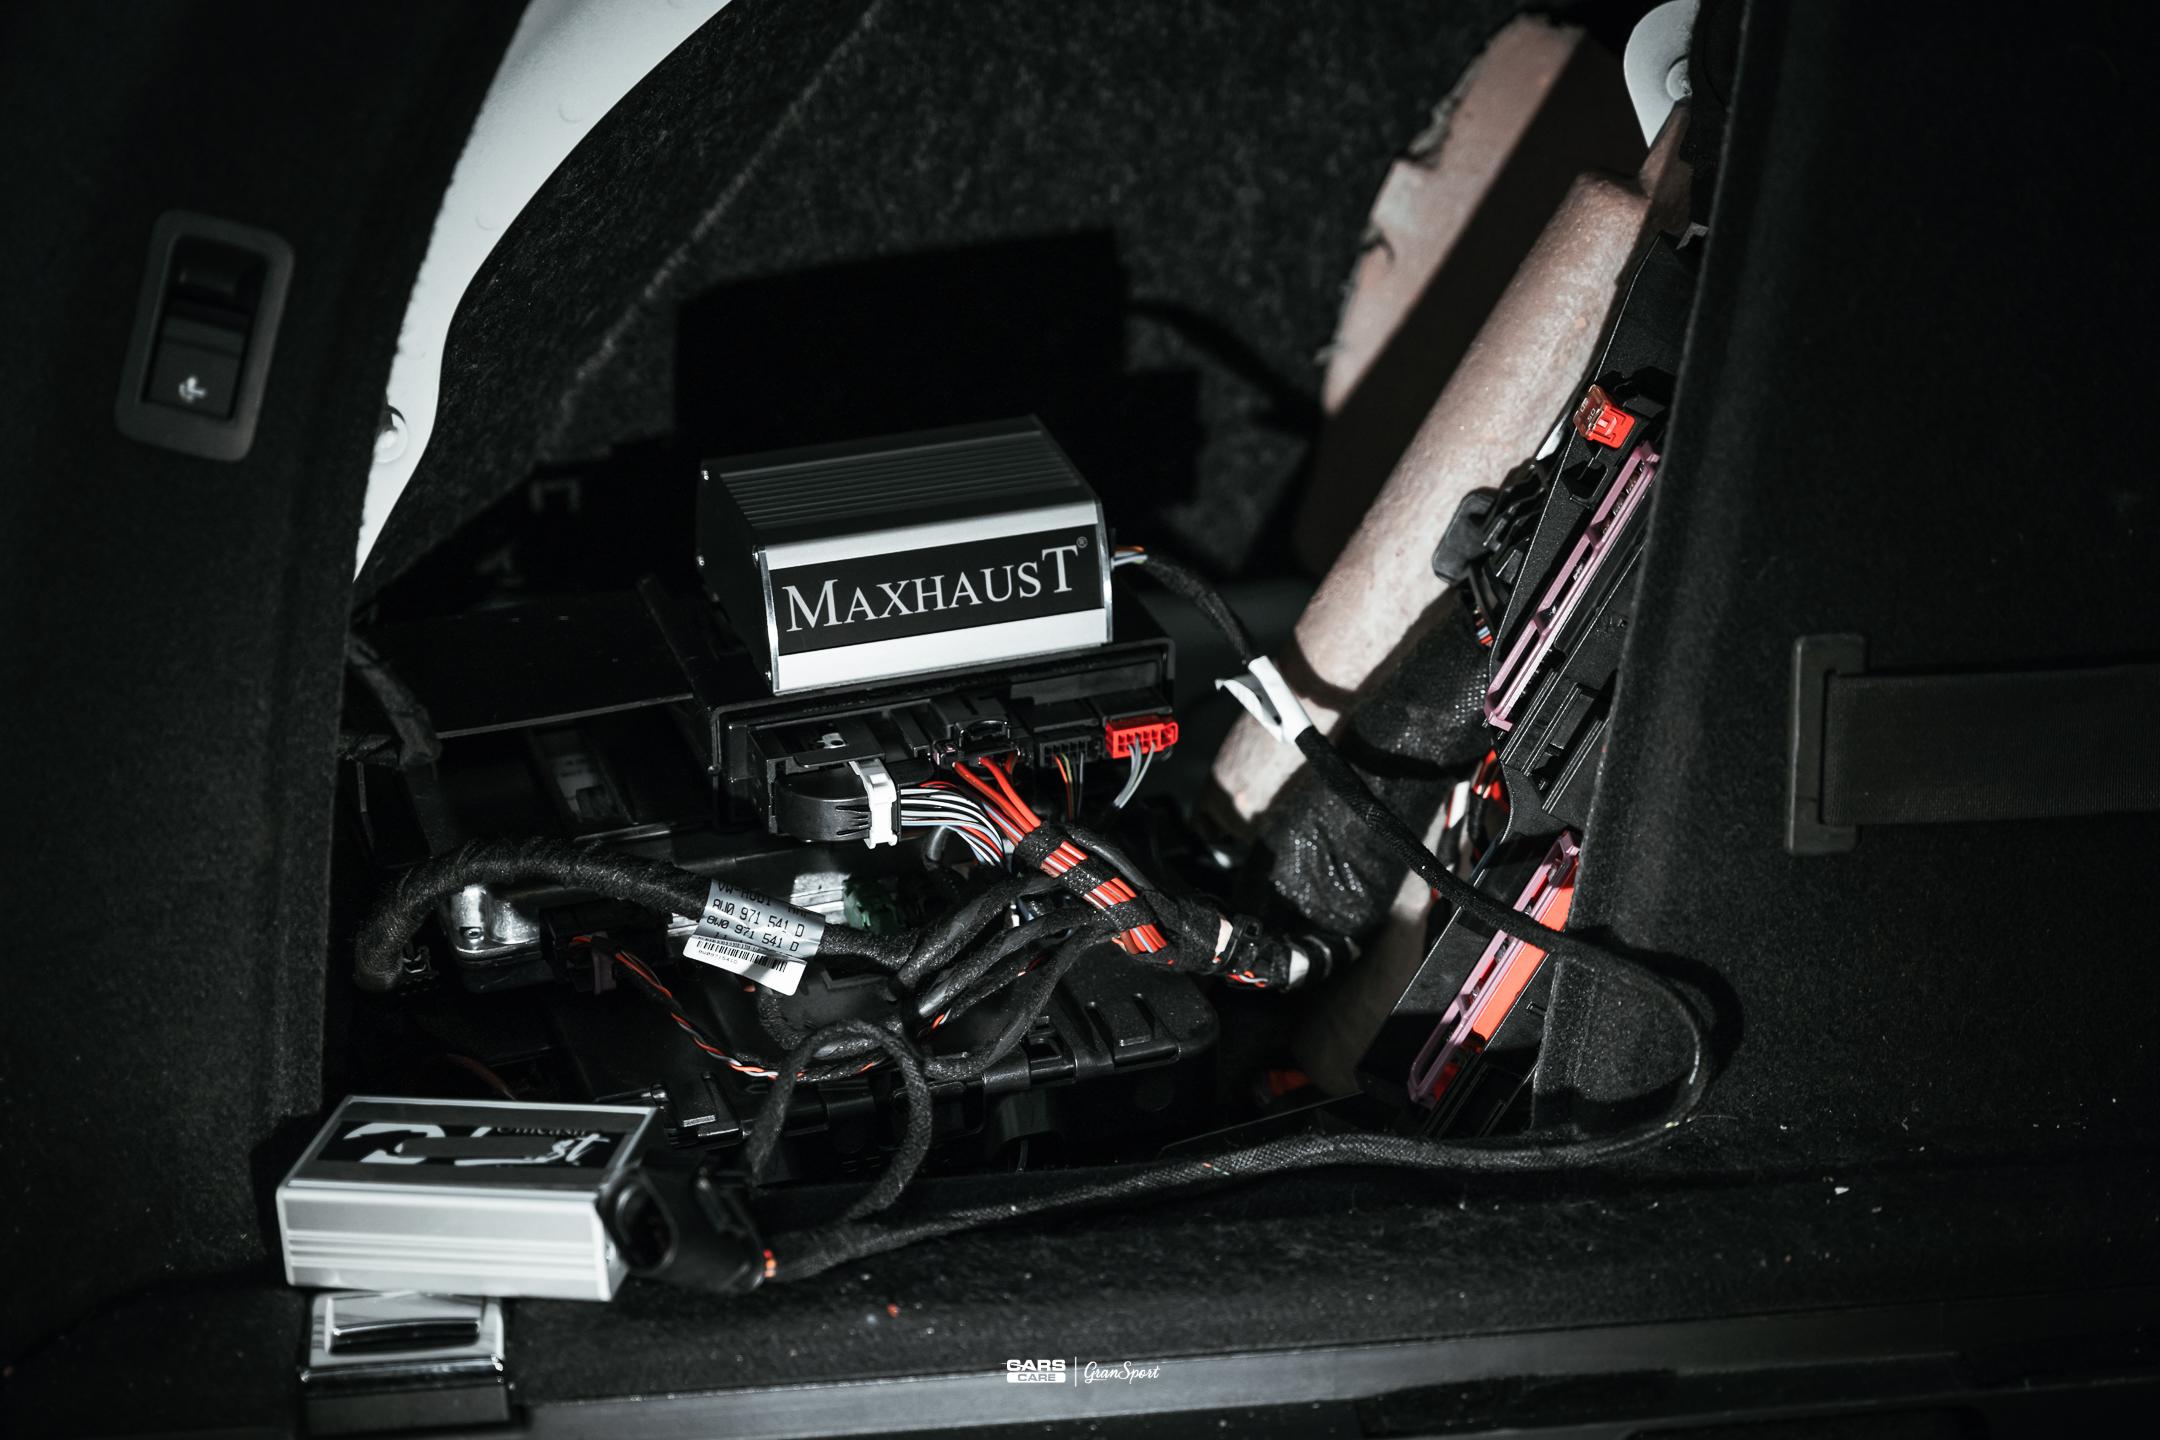 Audi A4 Maxhaust